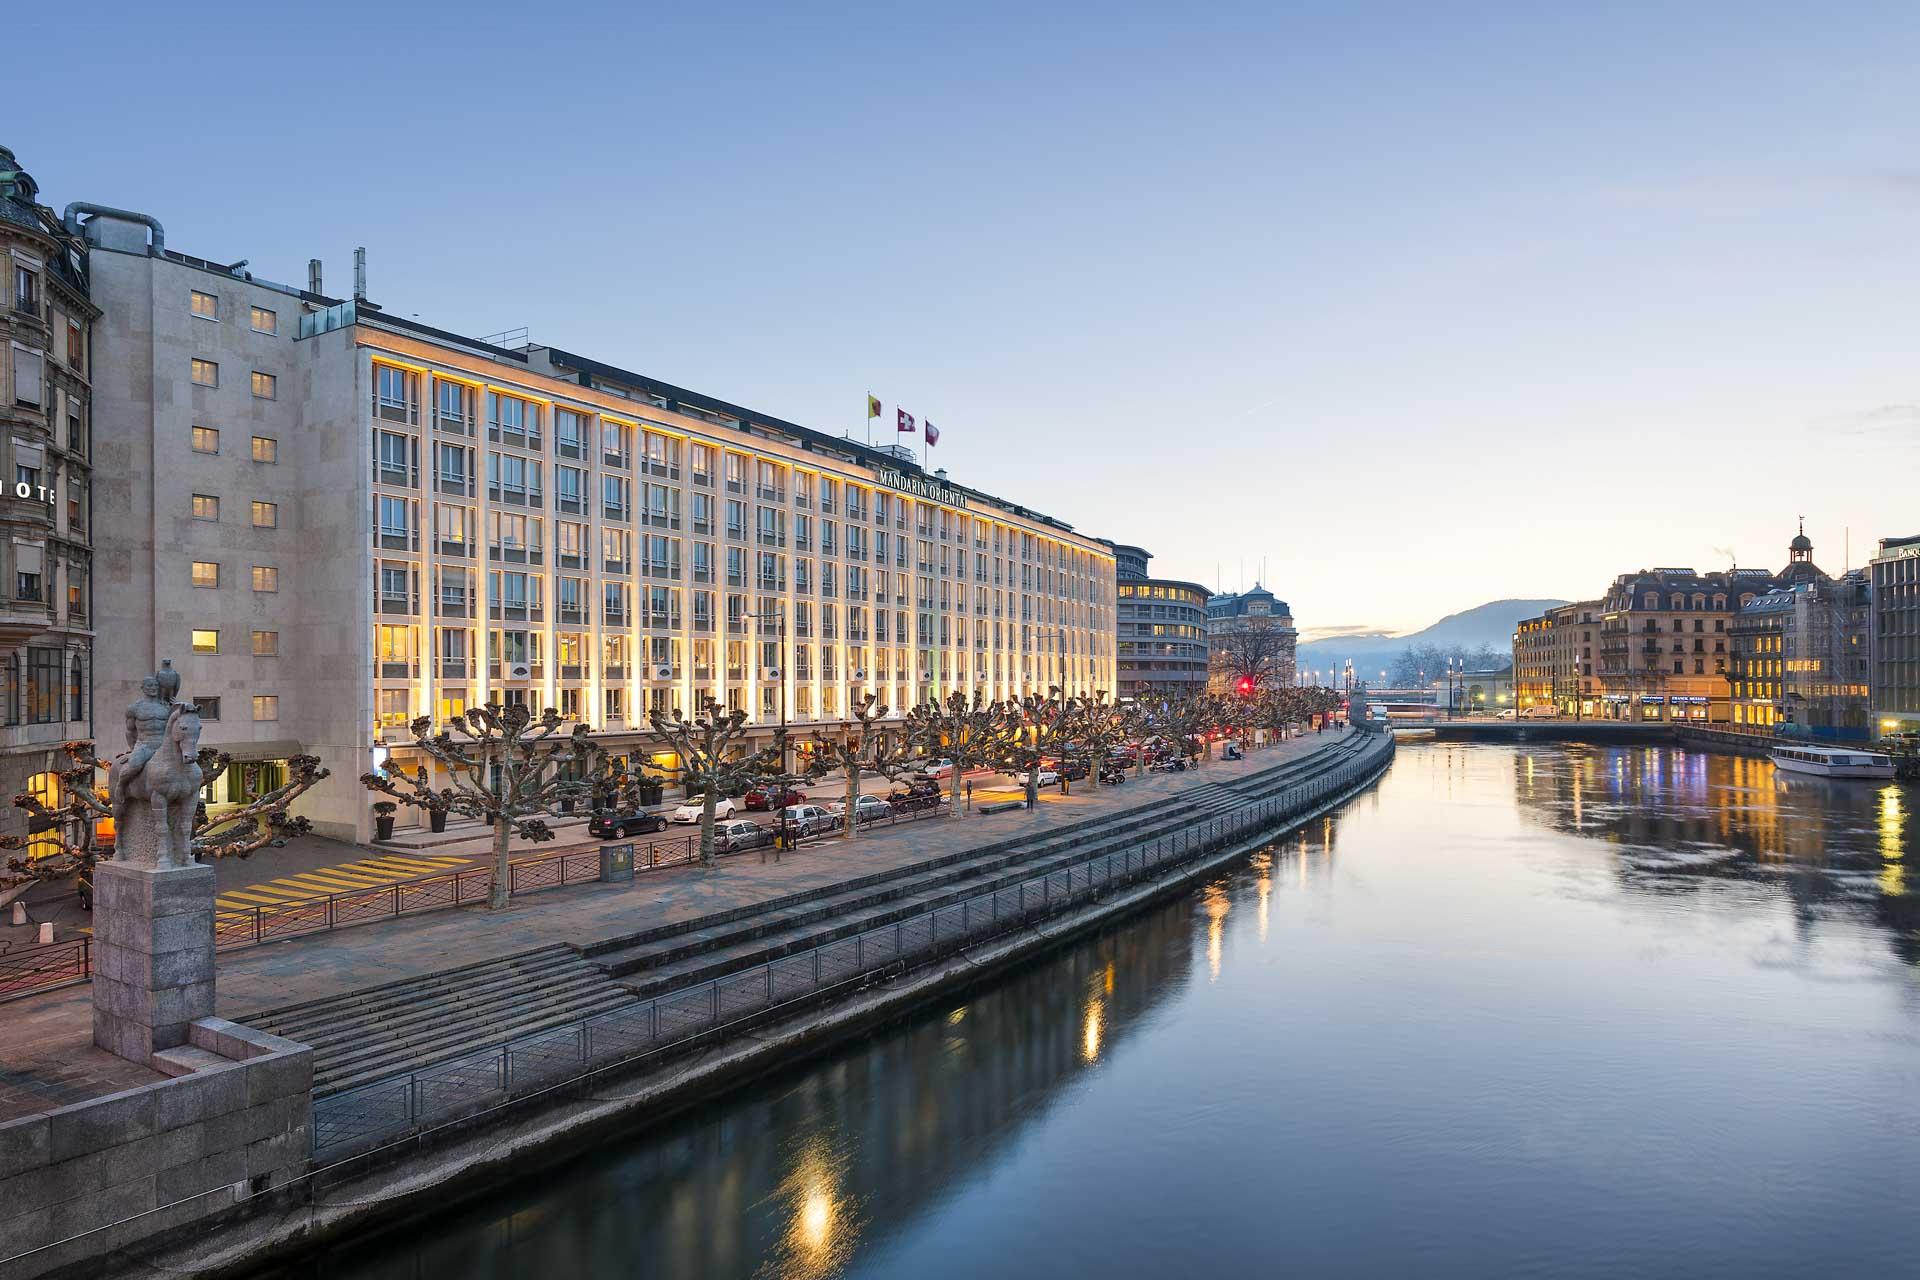 L'un des plus beaux hôtels de Genève, le Mandarin Oriental, Geneva accueillera l'un des meilleurs chefs du monde, la célèbre toque triplement étoilée Emmanuel Renaut, du 7 au 10 novembre 2017 prochain. Nous avons goûté sa cuisine en exclusivité.